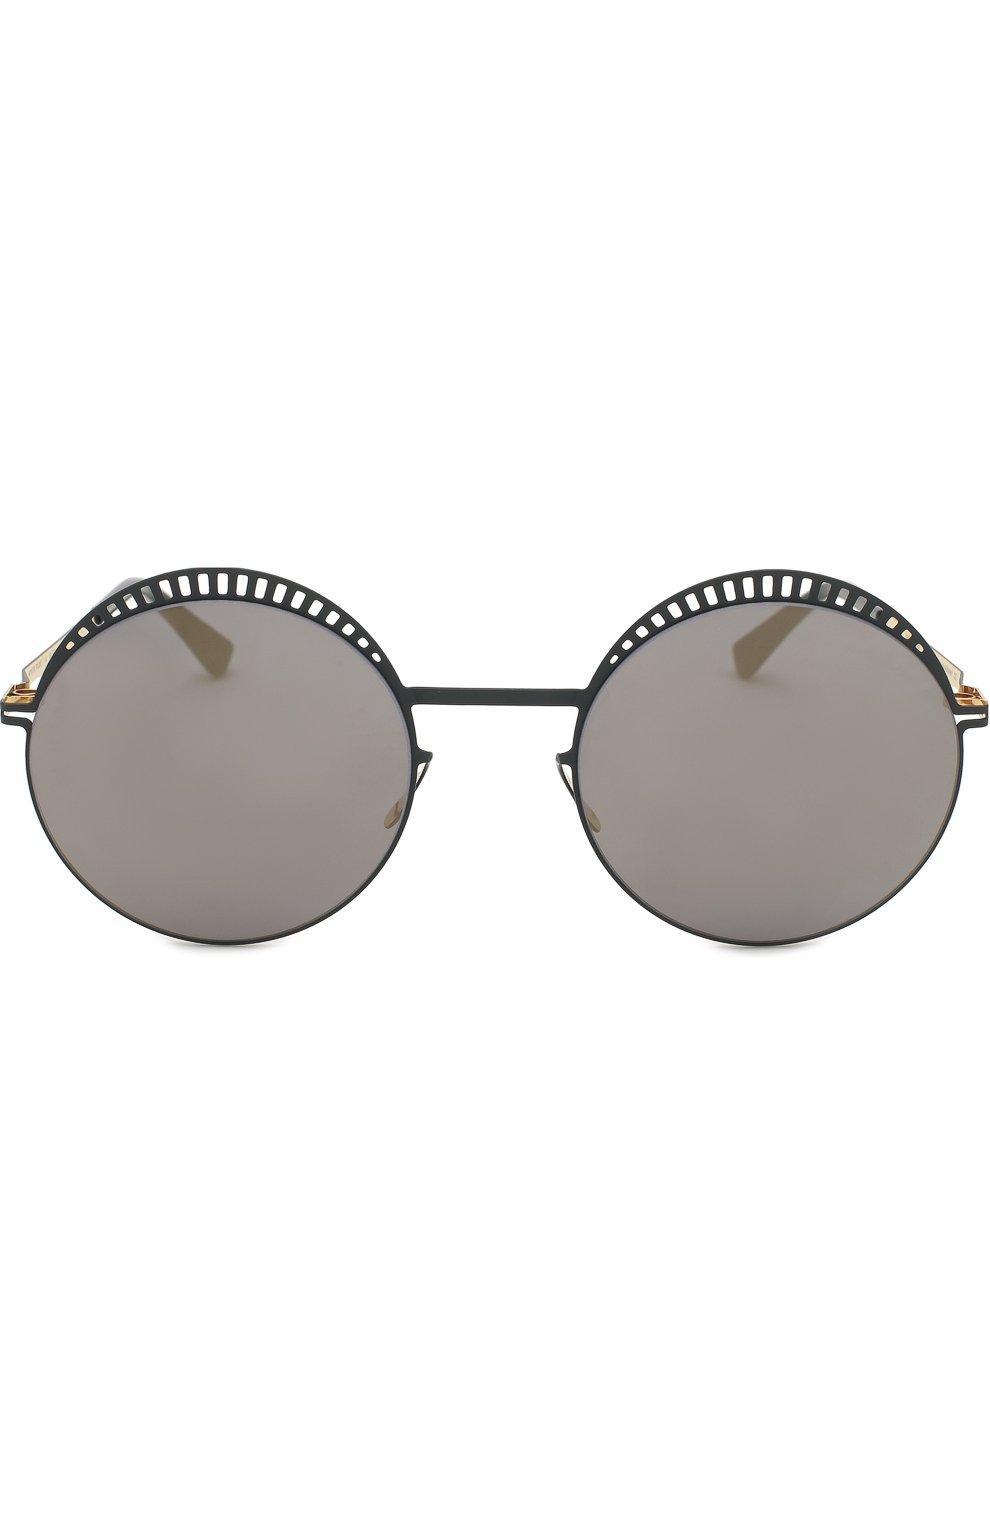 Женские солнцезащитные очки MYKITA черного цвета, арт. STUDI0 1.4/INDIG0/G0LD/BRILLIANTBLUE | Фото 3